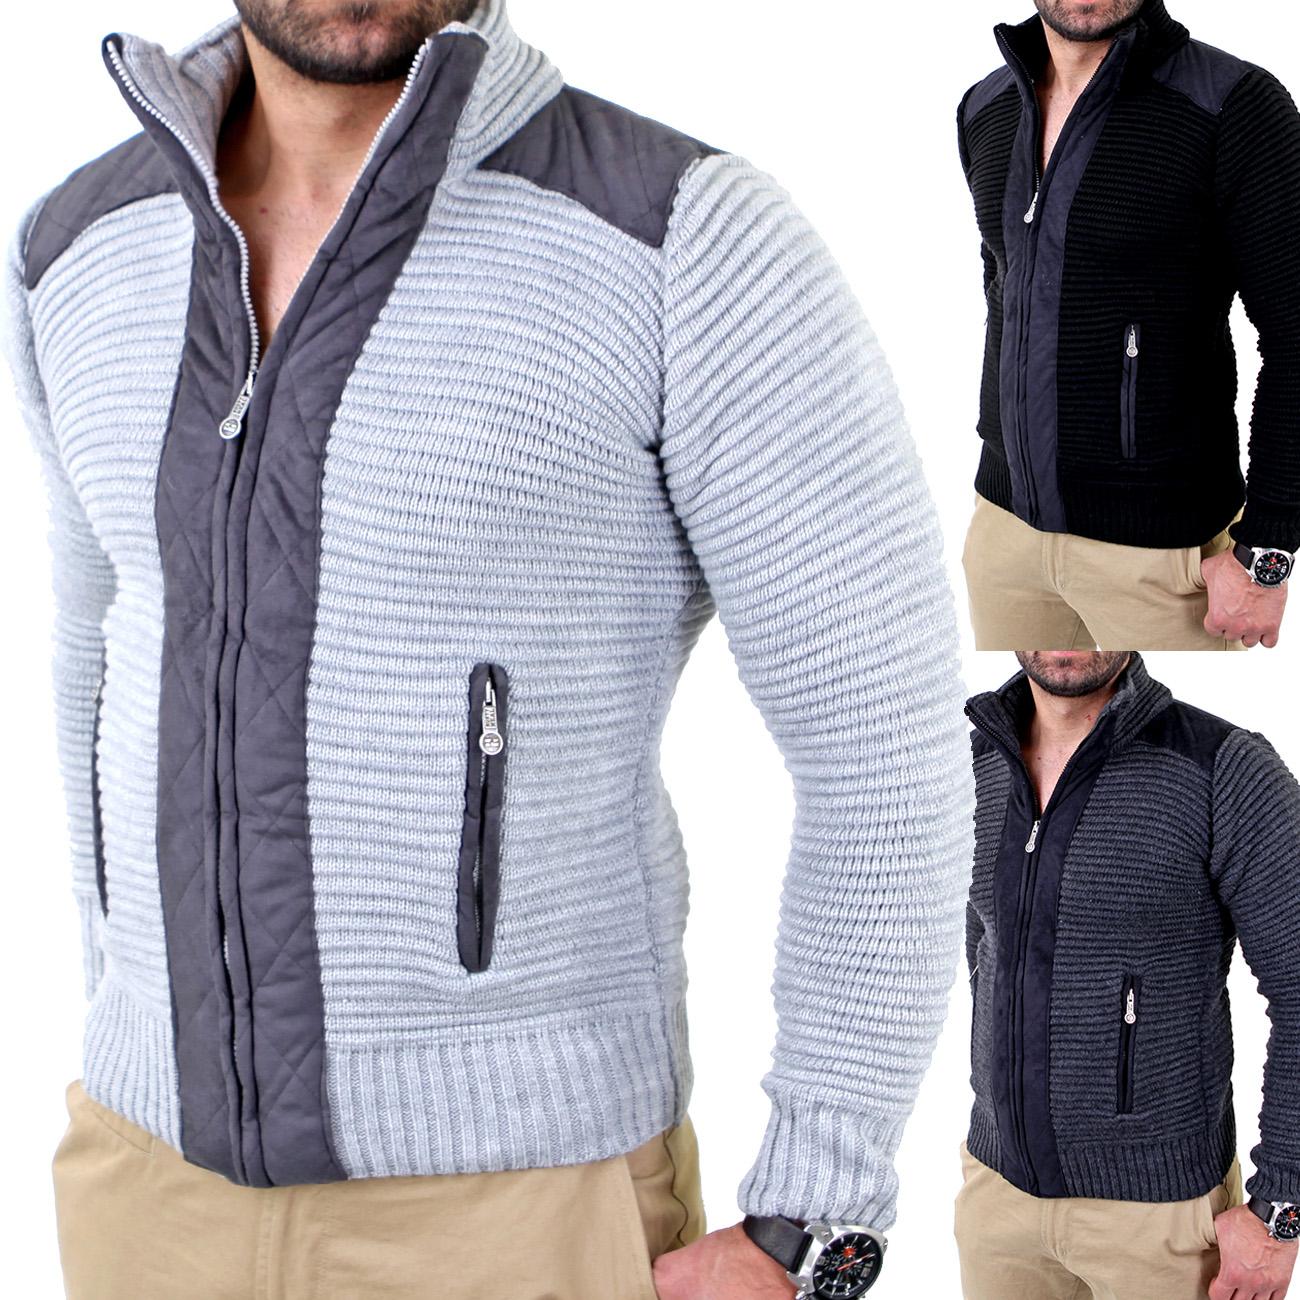 reslad herren winter strick pullover sweatjacke jacke strickjacke rs 3203 ebay. Black Bedroom Furniture Sets. Home Design Ideas